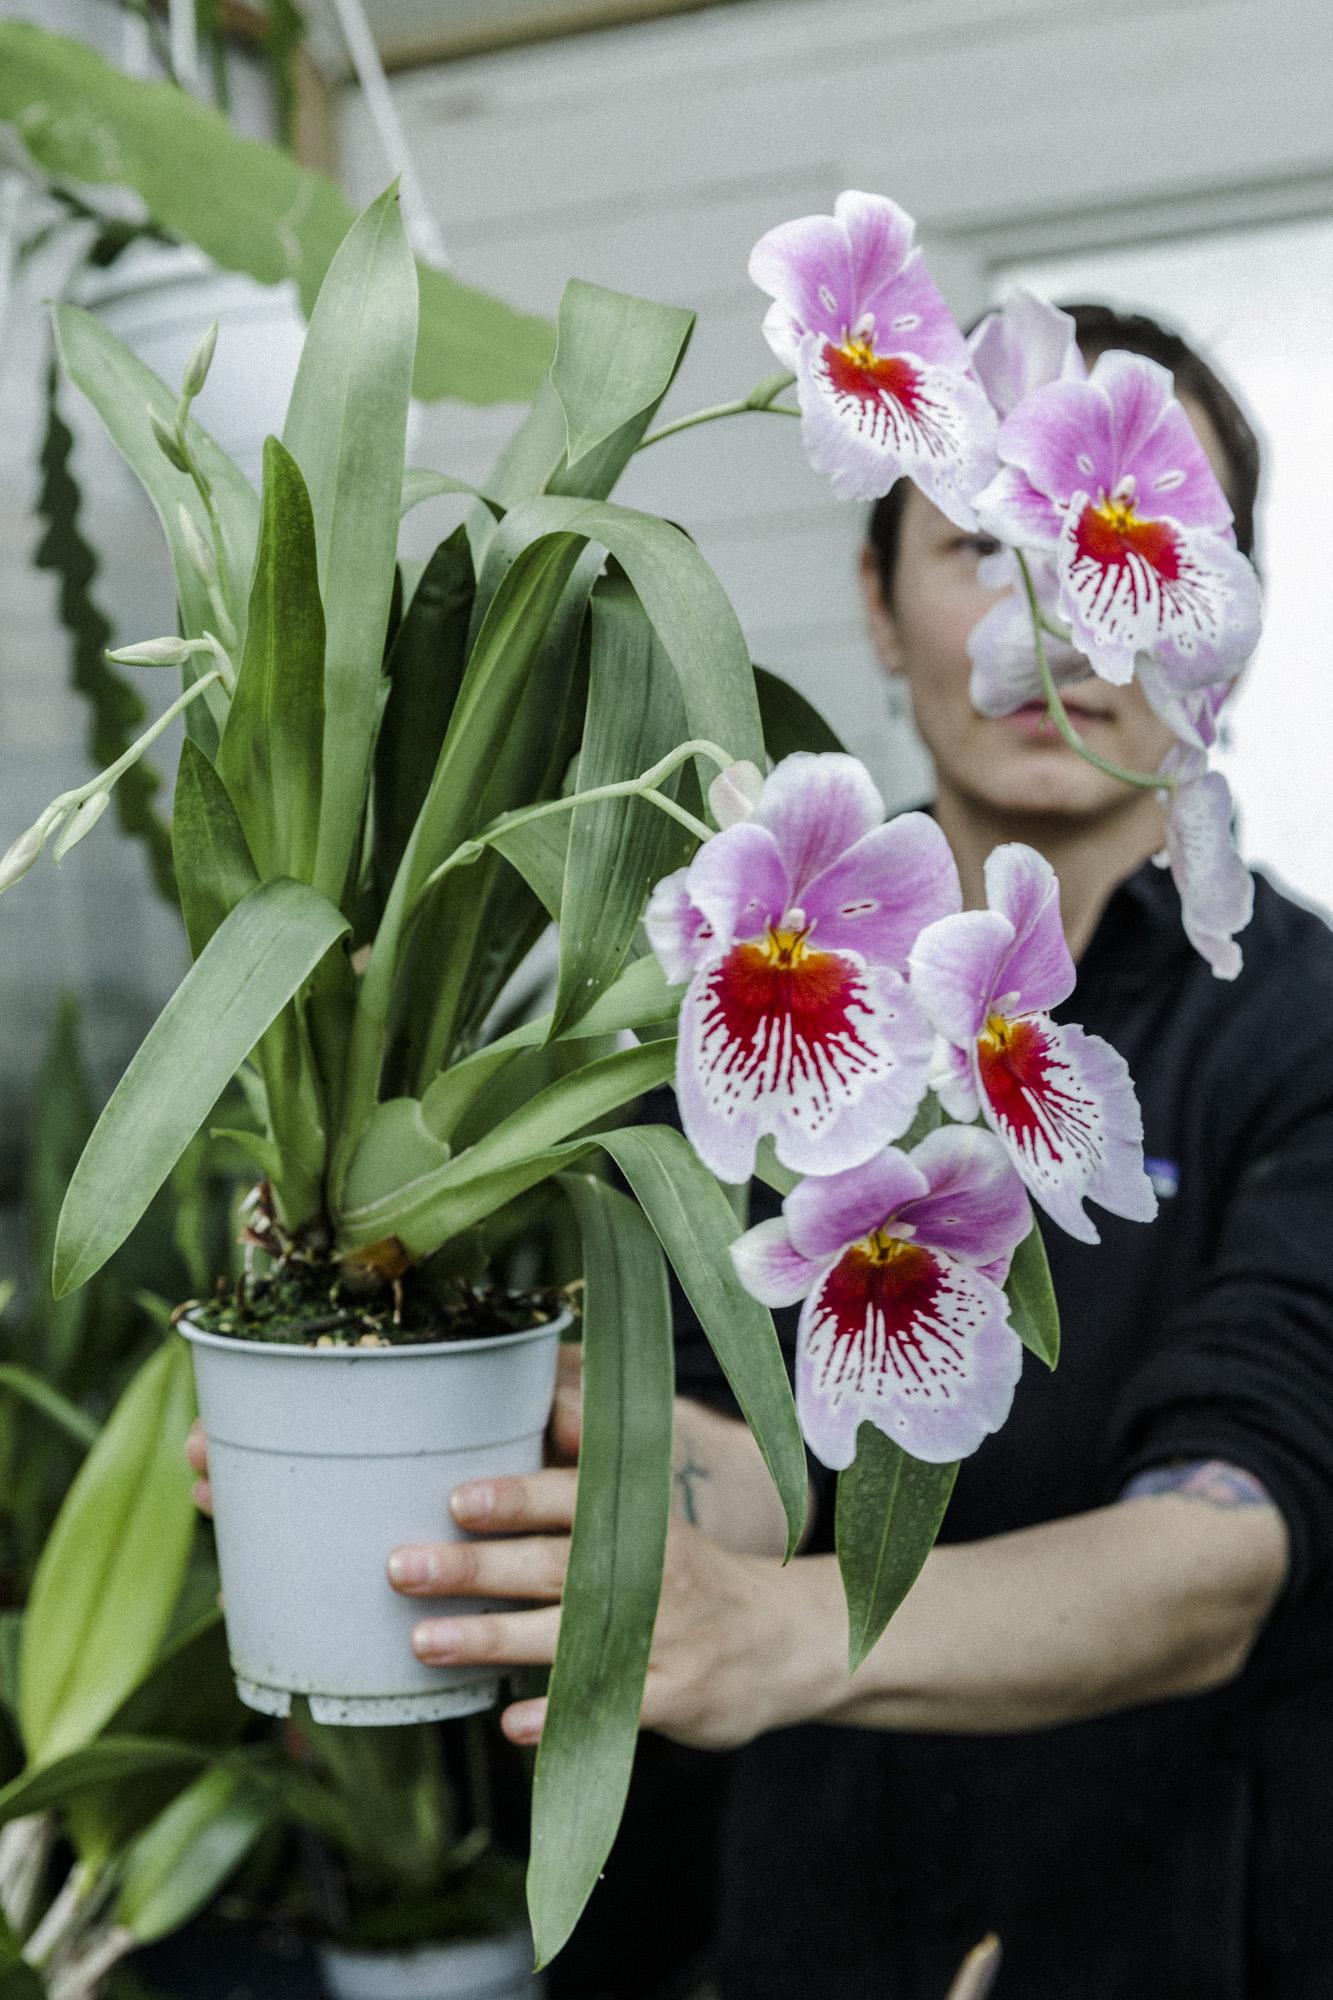 orkide plantemagasinet gro solheim gartneri